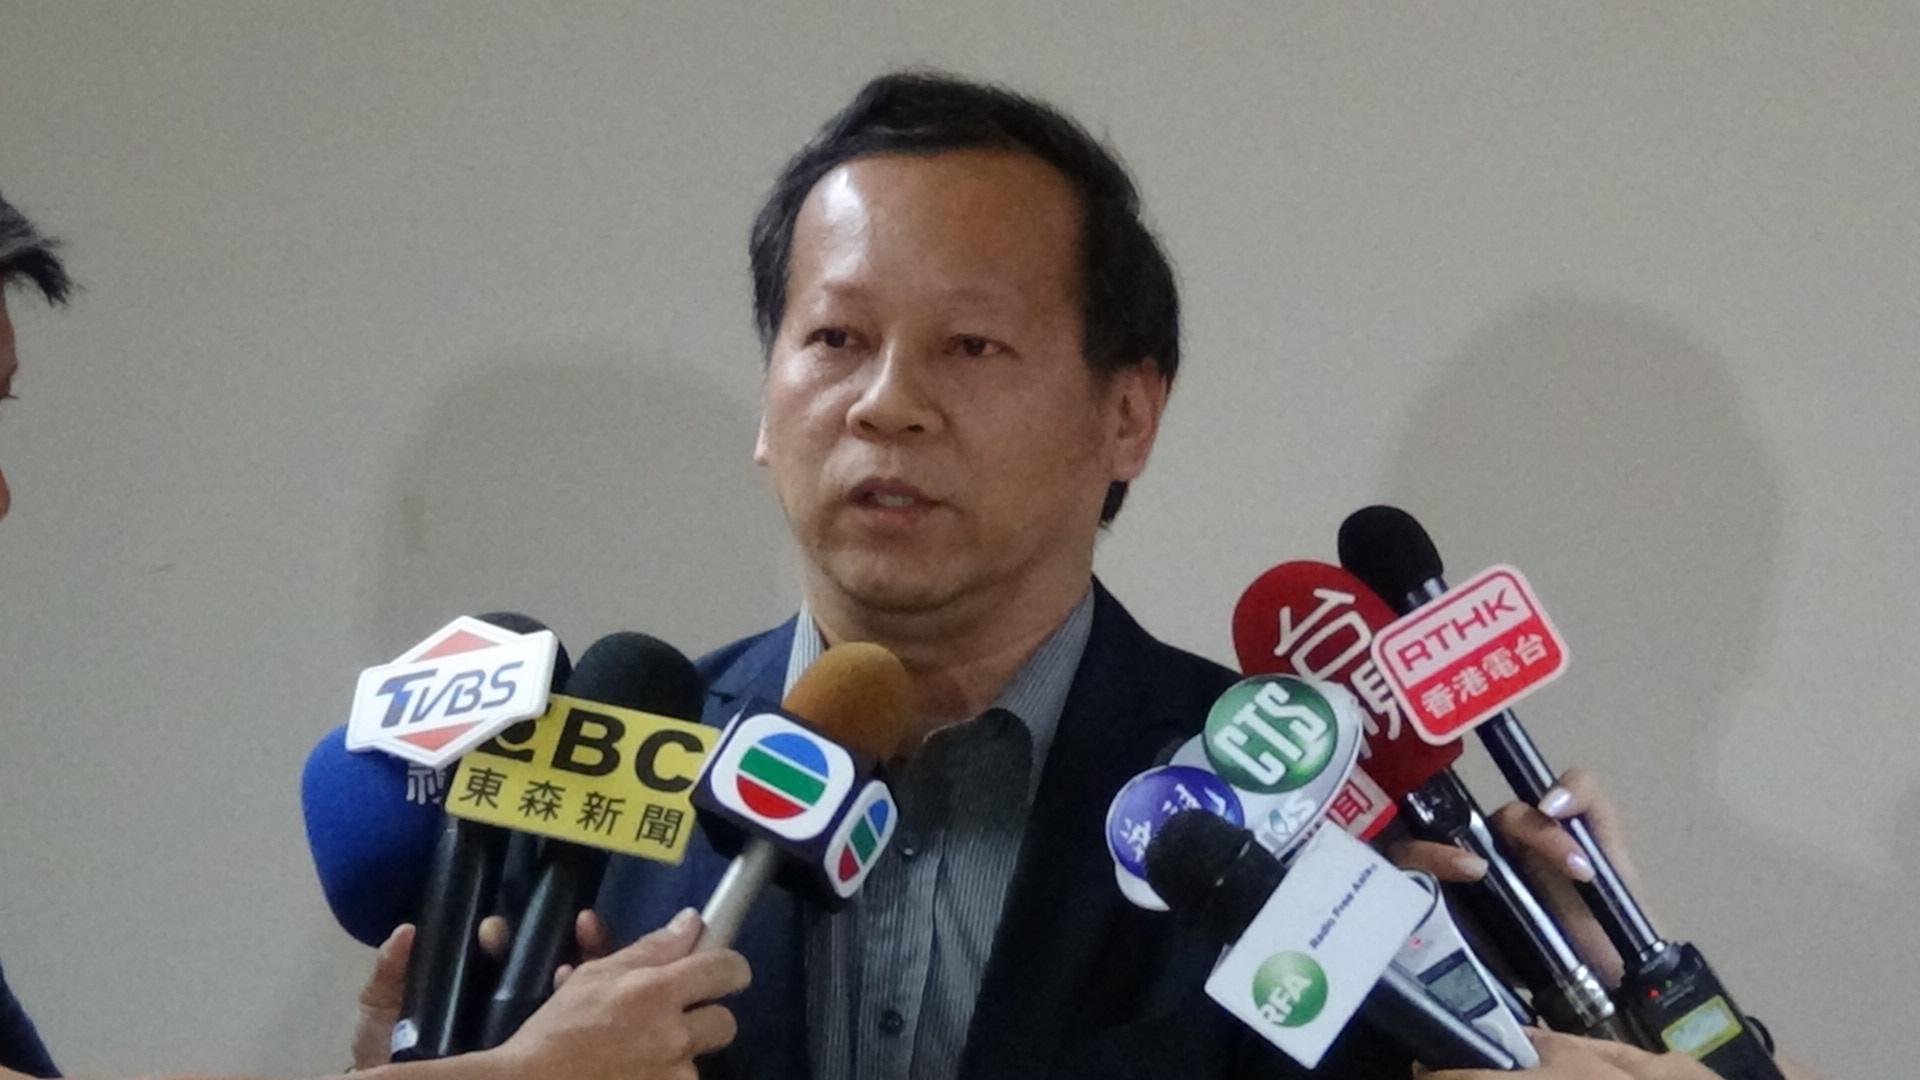 台湾观光局组长刘士铭说明陆客自由行政策暂停对台湾影响。(记者夏小华摄)